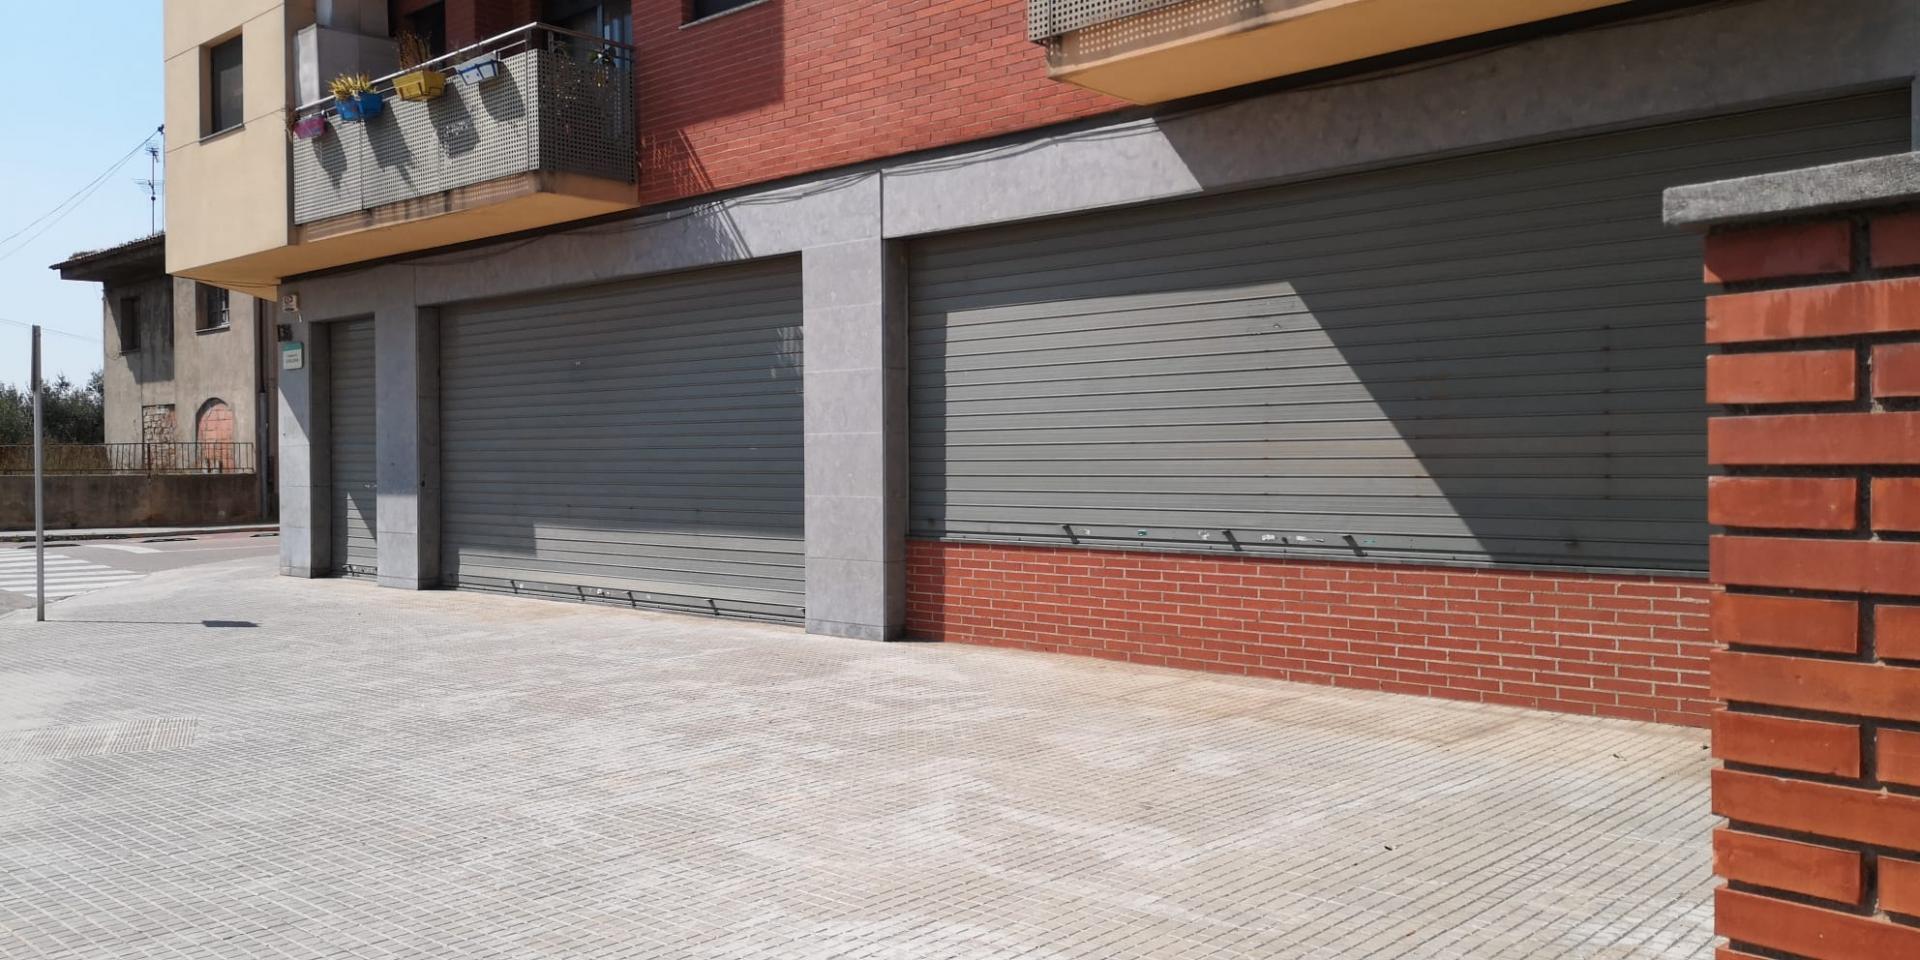 Foto 21 (V-731-2021) - Local comercial en Venda a Calle cami del fondo, Santa Margarida i els Monjos